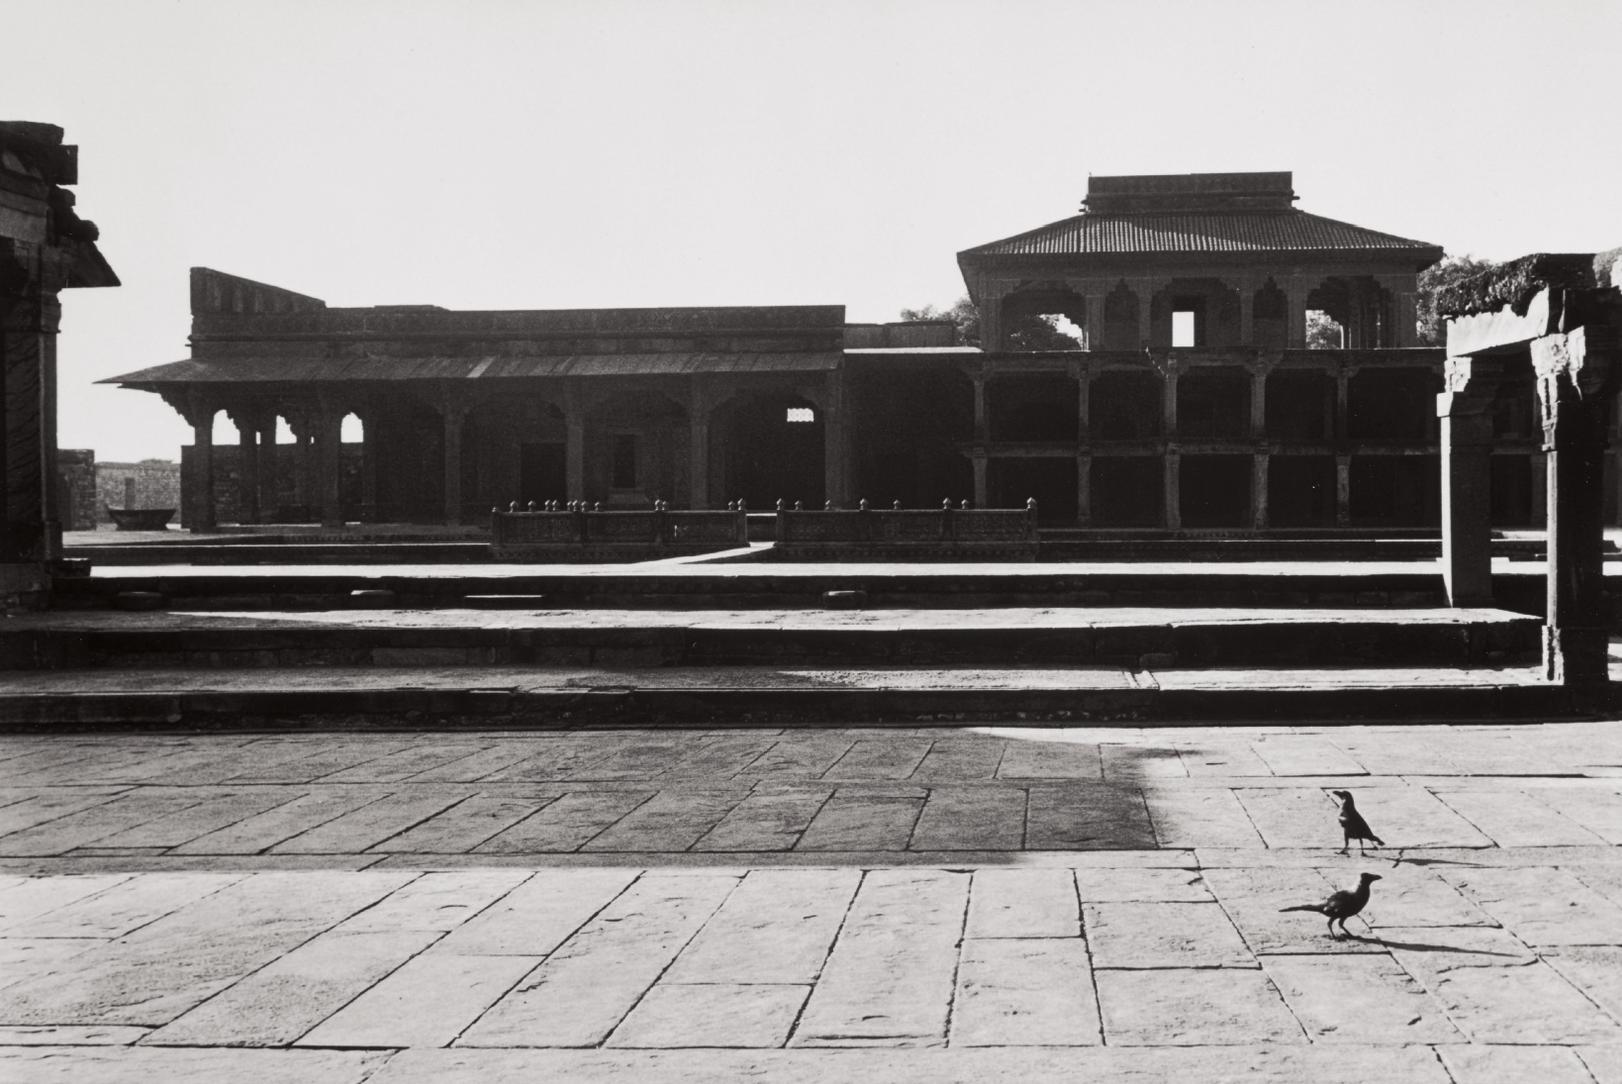 Henri Cartier-Bresson-Fatehpur Sikri, India-1966